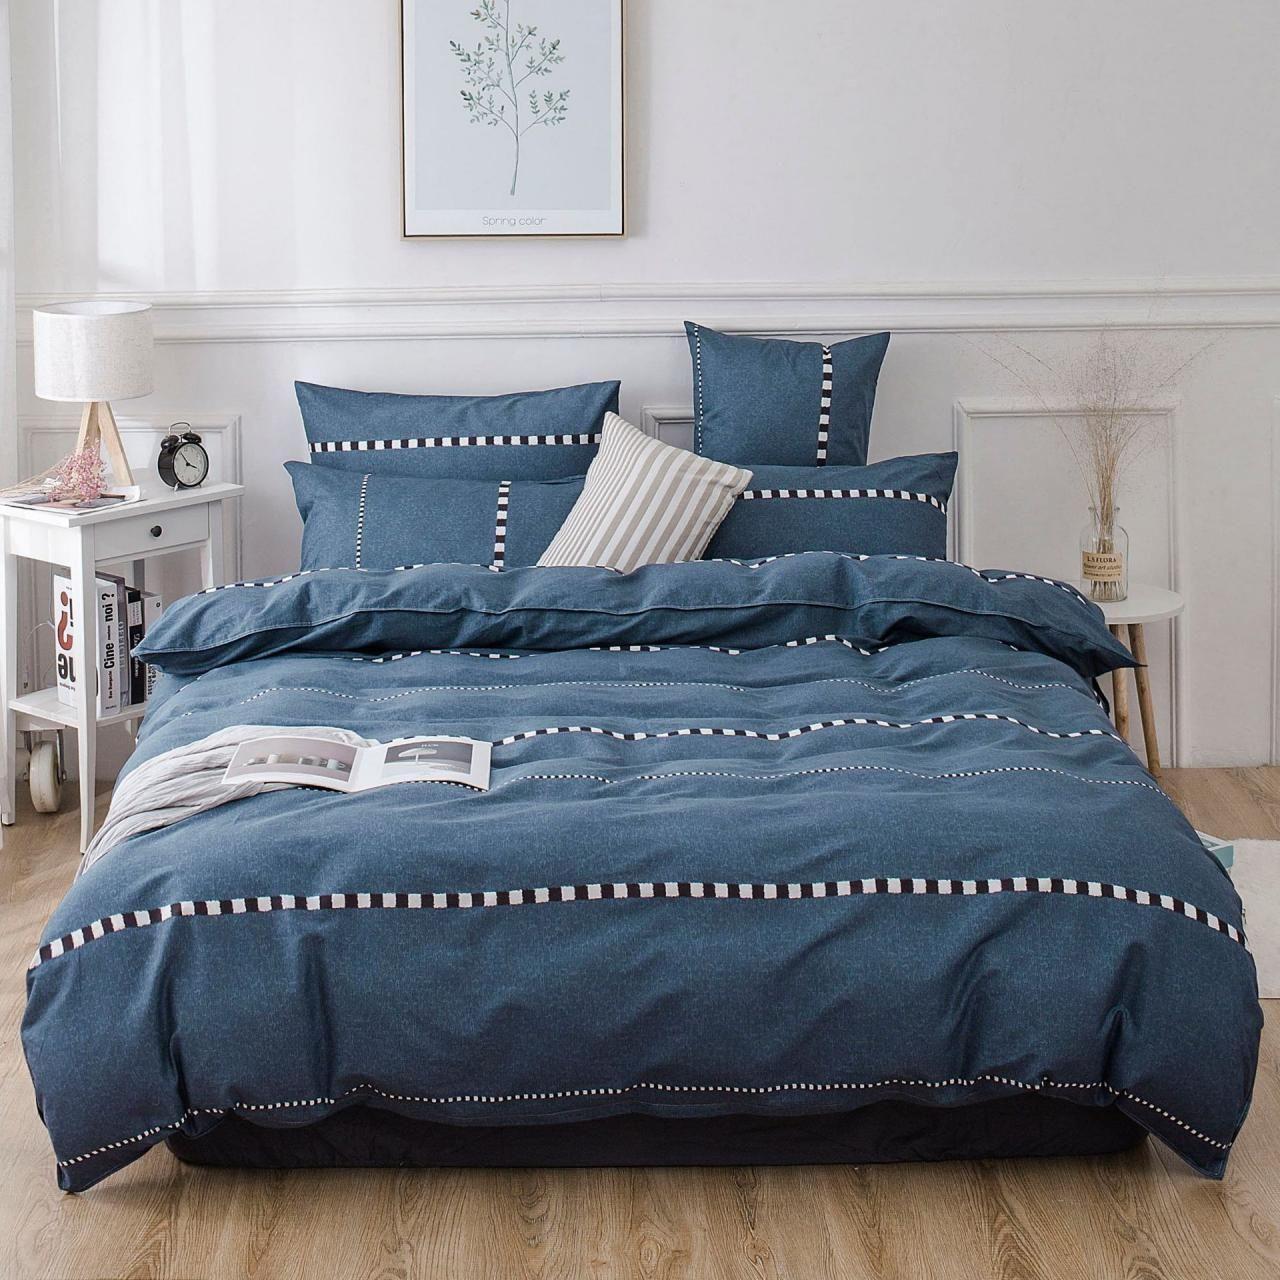 Bedding Set 4 Pieces 100 Brushed Cotton Thick Duvet Quilt